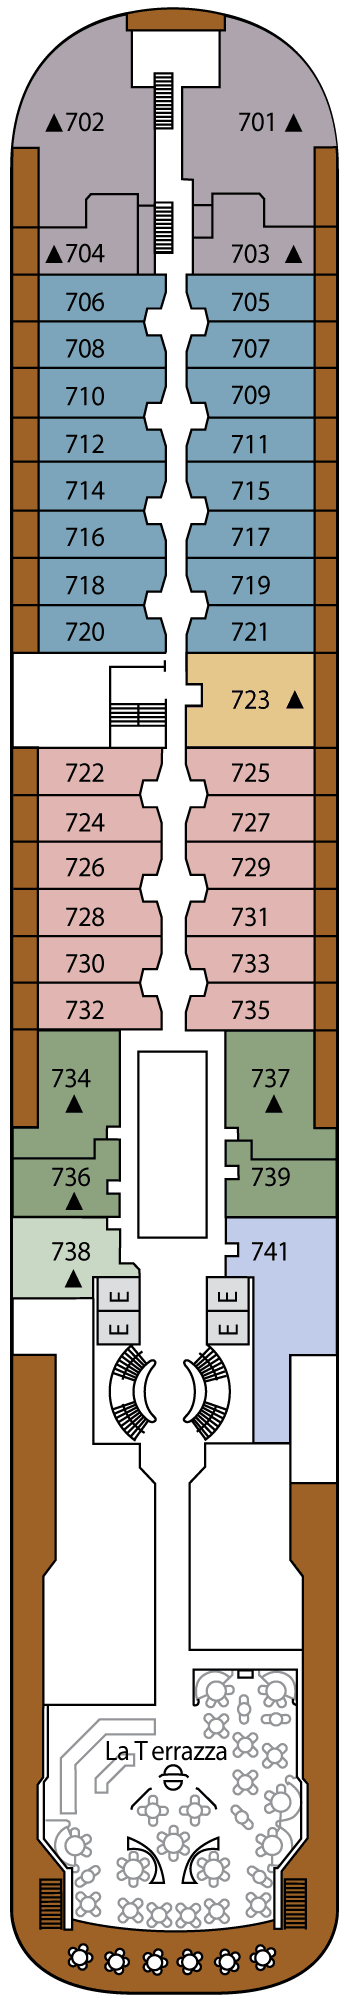 Silver Wind - Deck 7